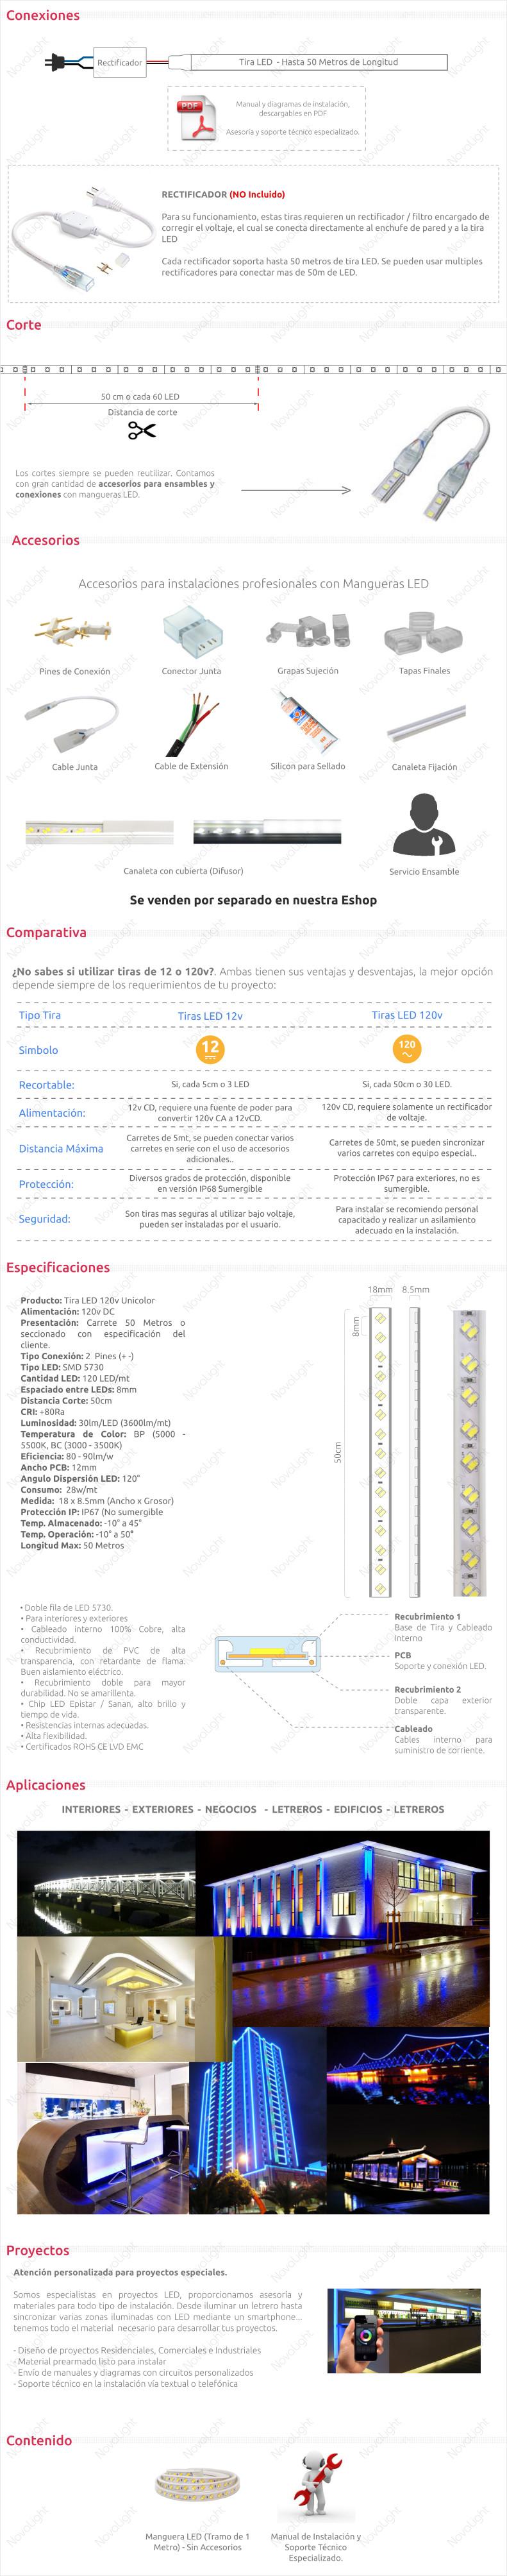 Manguera con 120 LED /mt 5730 Unicolor – Con Recubrimiento IP66 120v (Hasta 50mt)